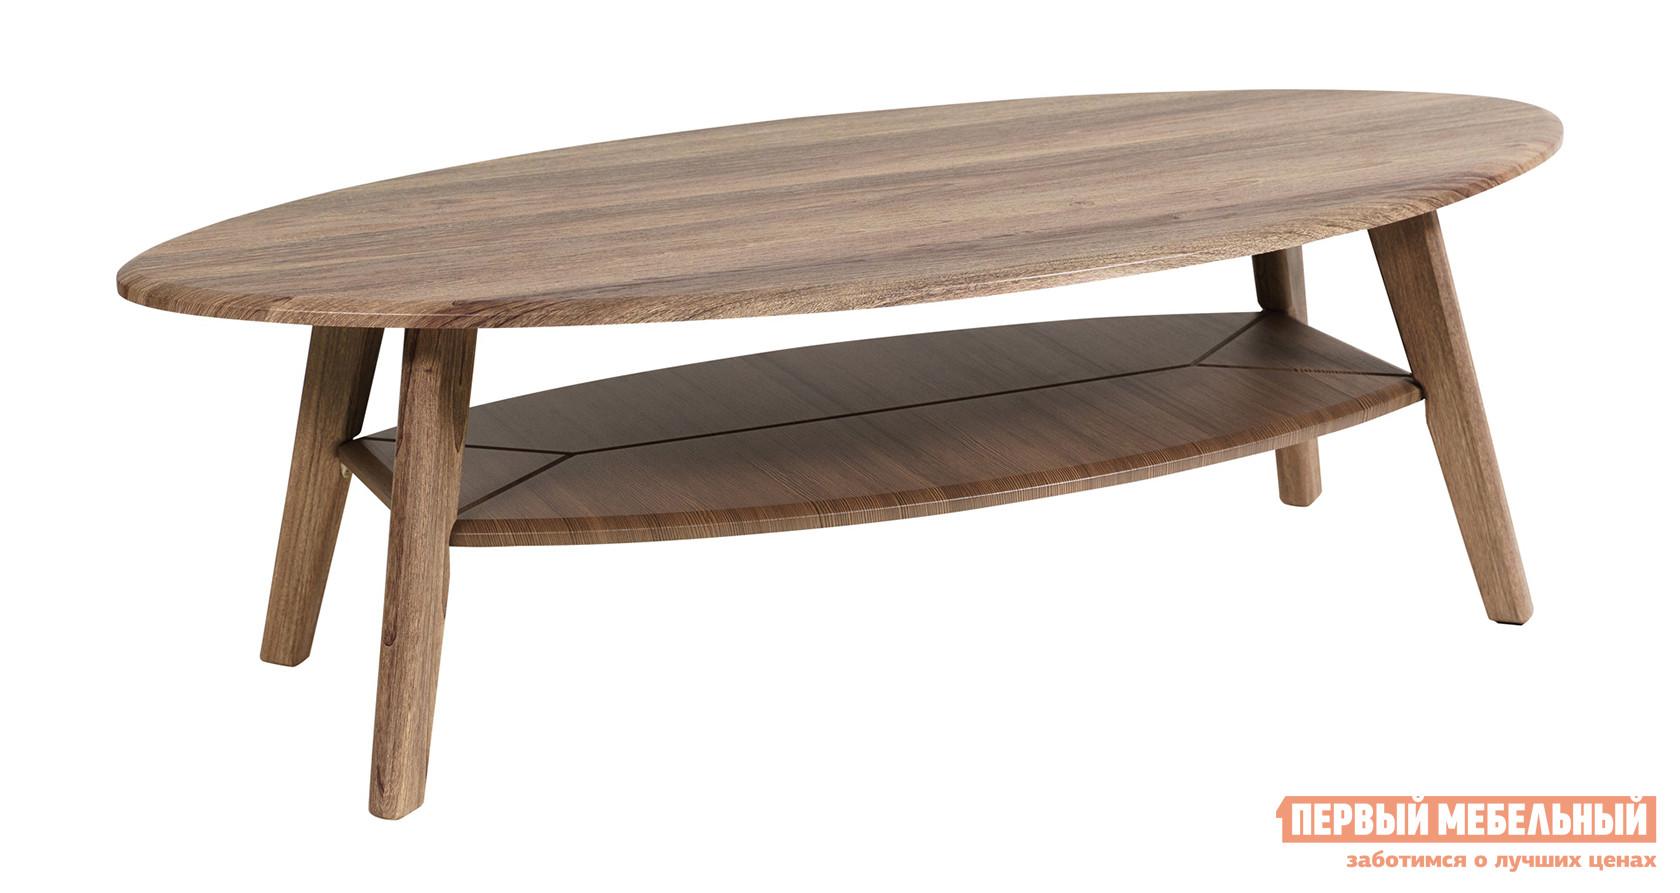 Журнальный столик ТАЛАНТ Журнальный стол Серфинг